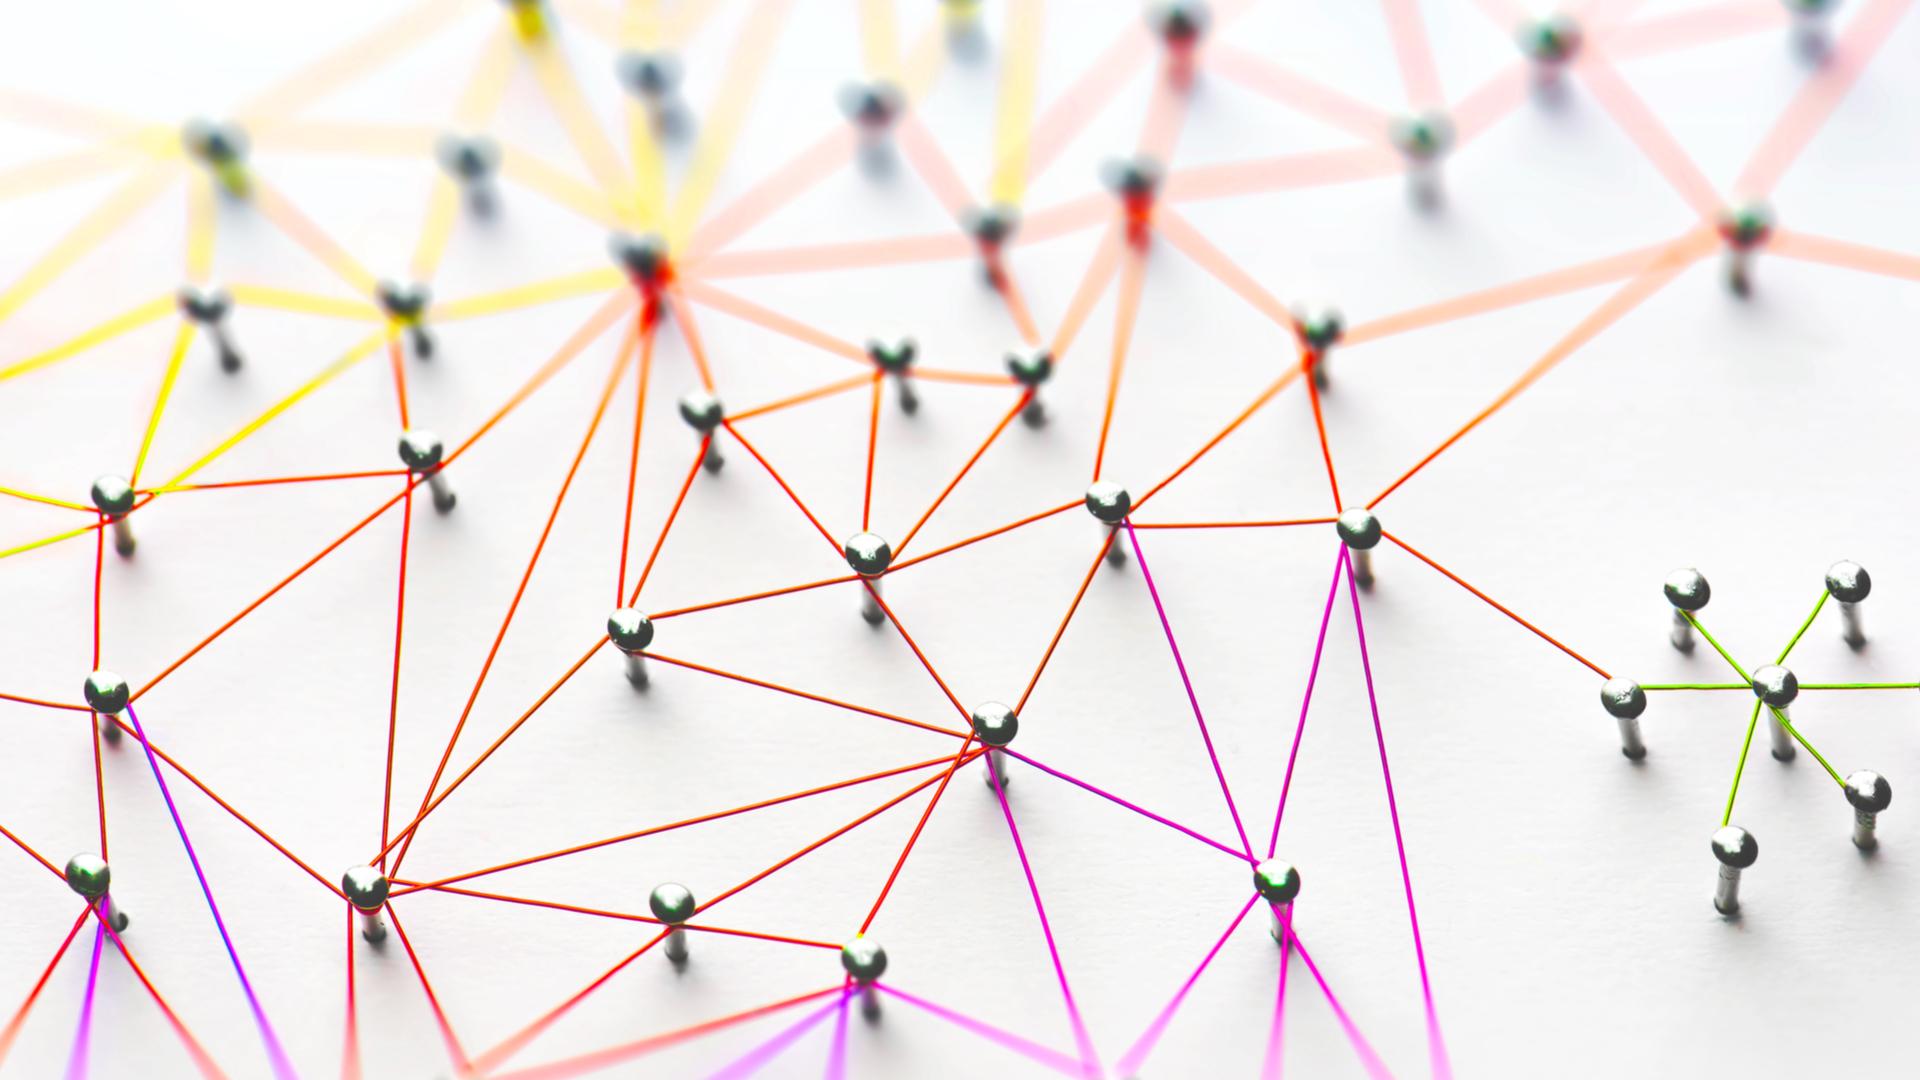 Netzwerk aus Fäden